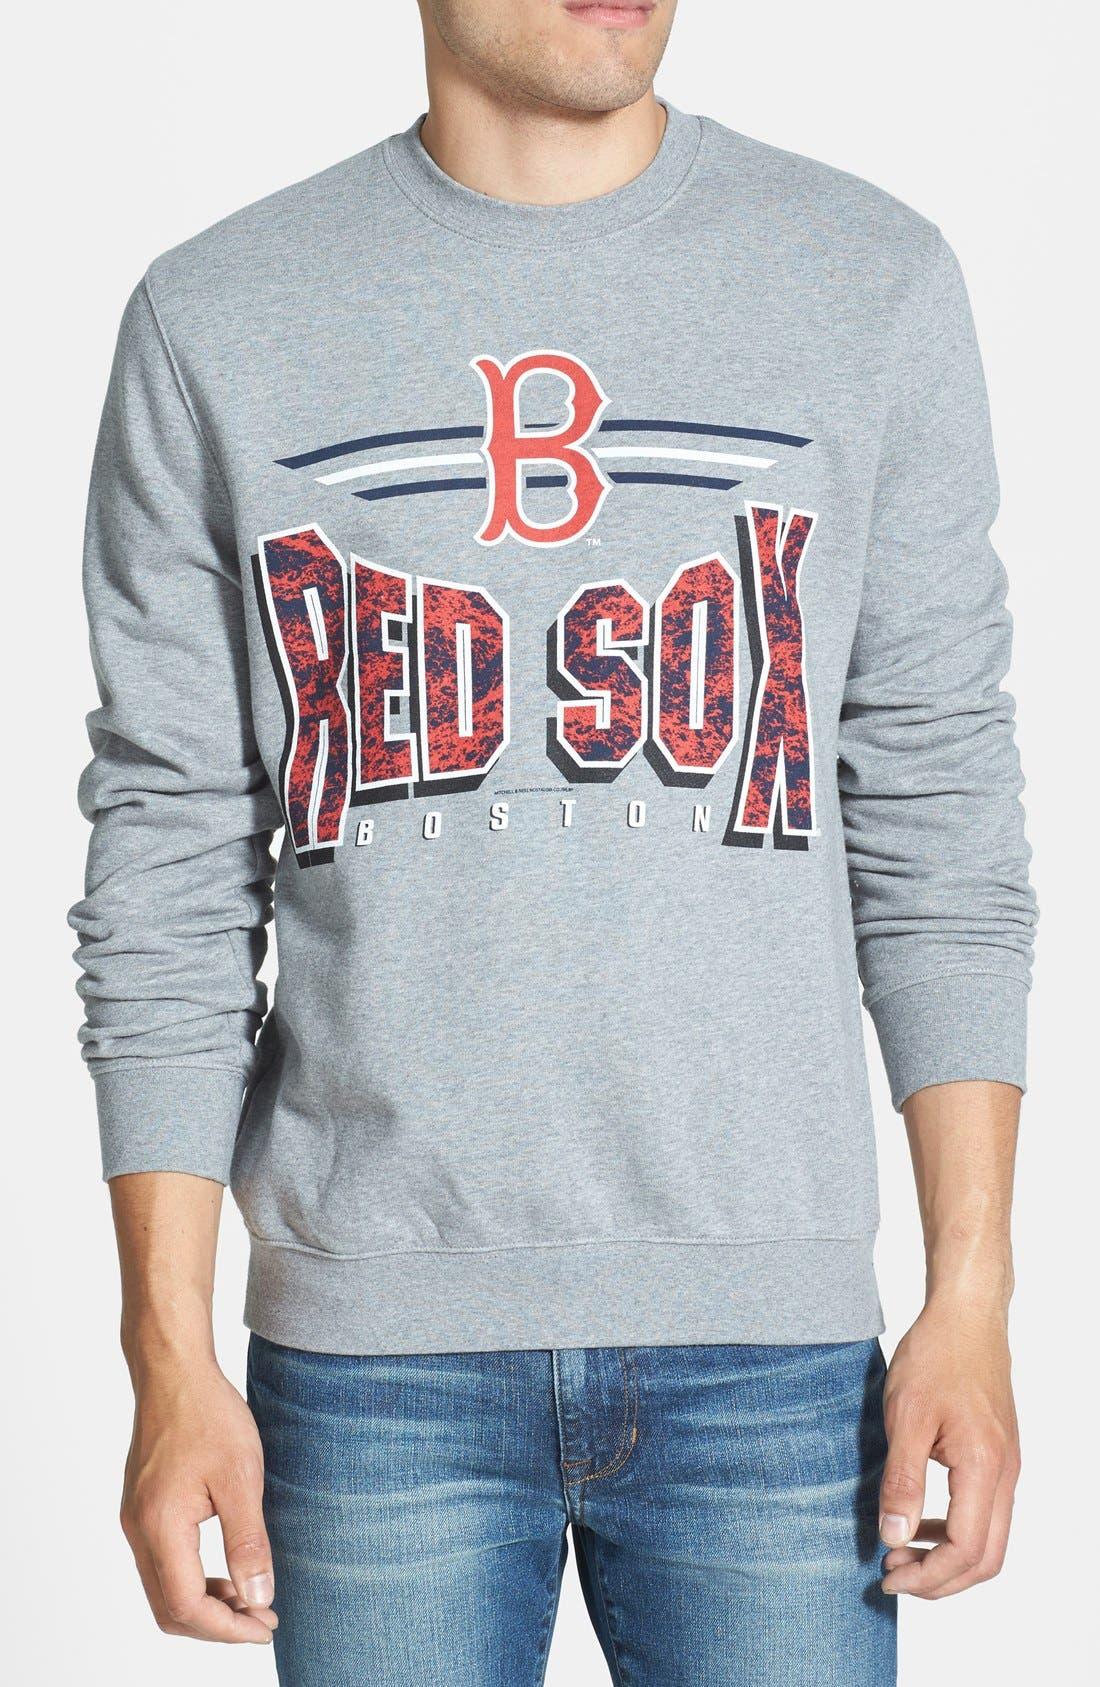 'Boston Red Sox' Crewneck Sweatshirt, Main, color, 061